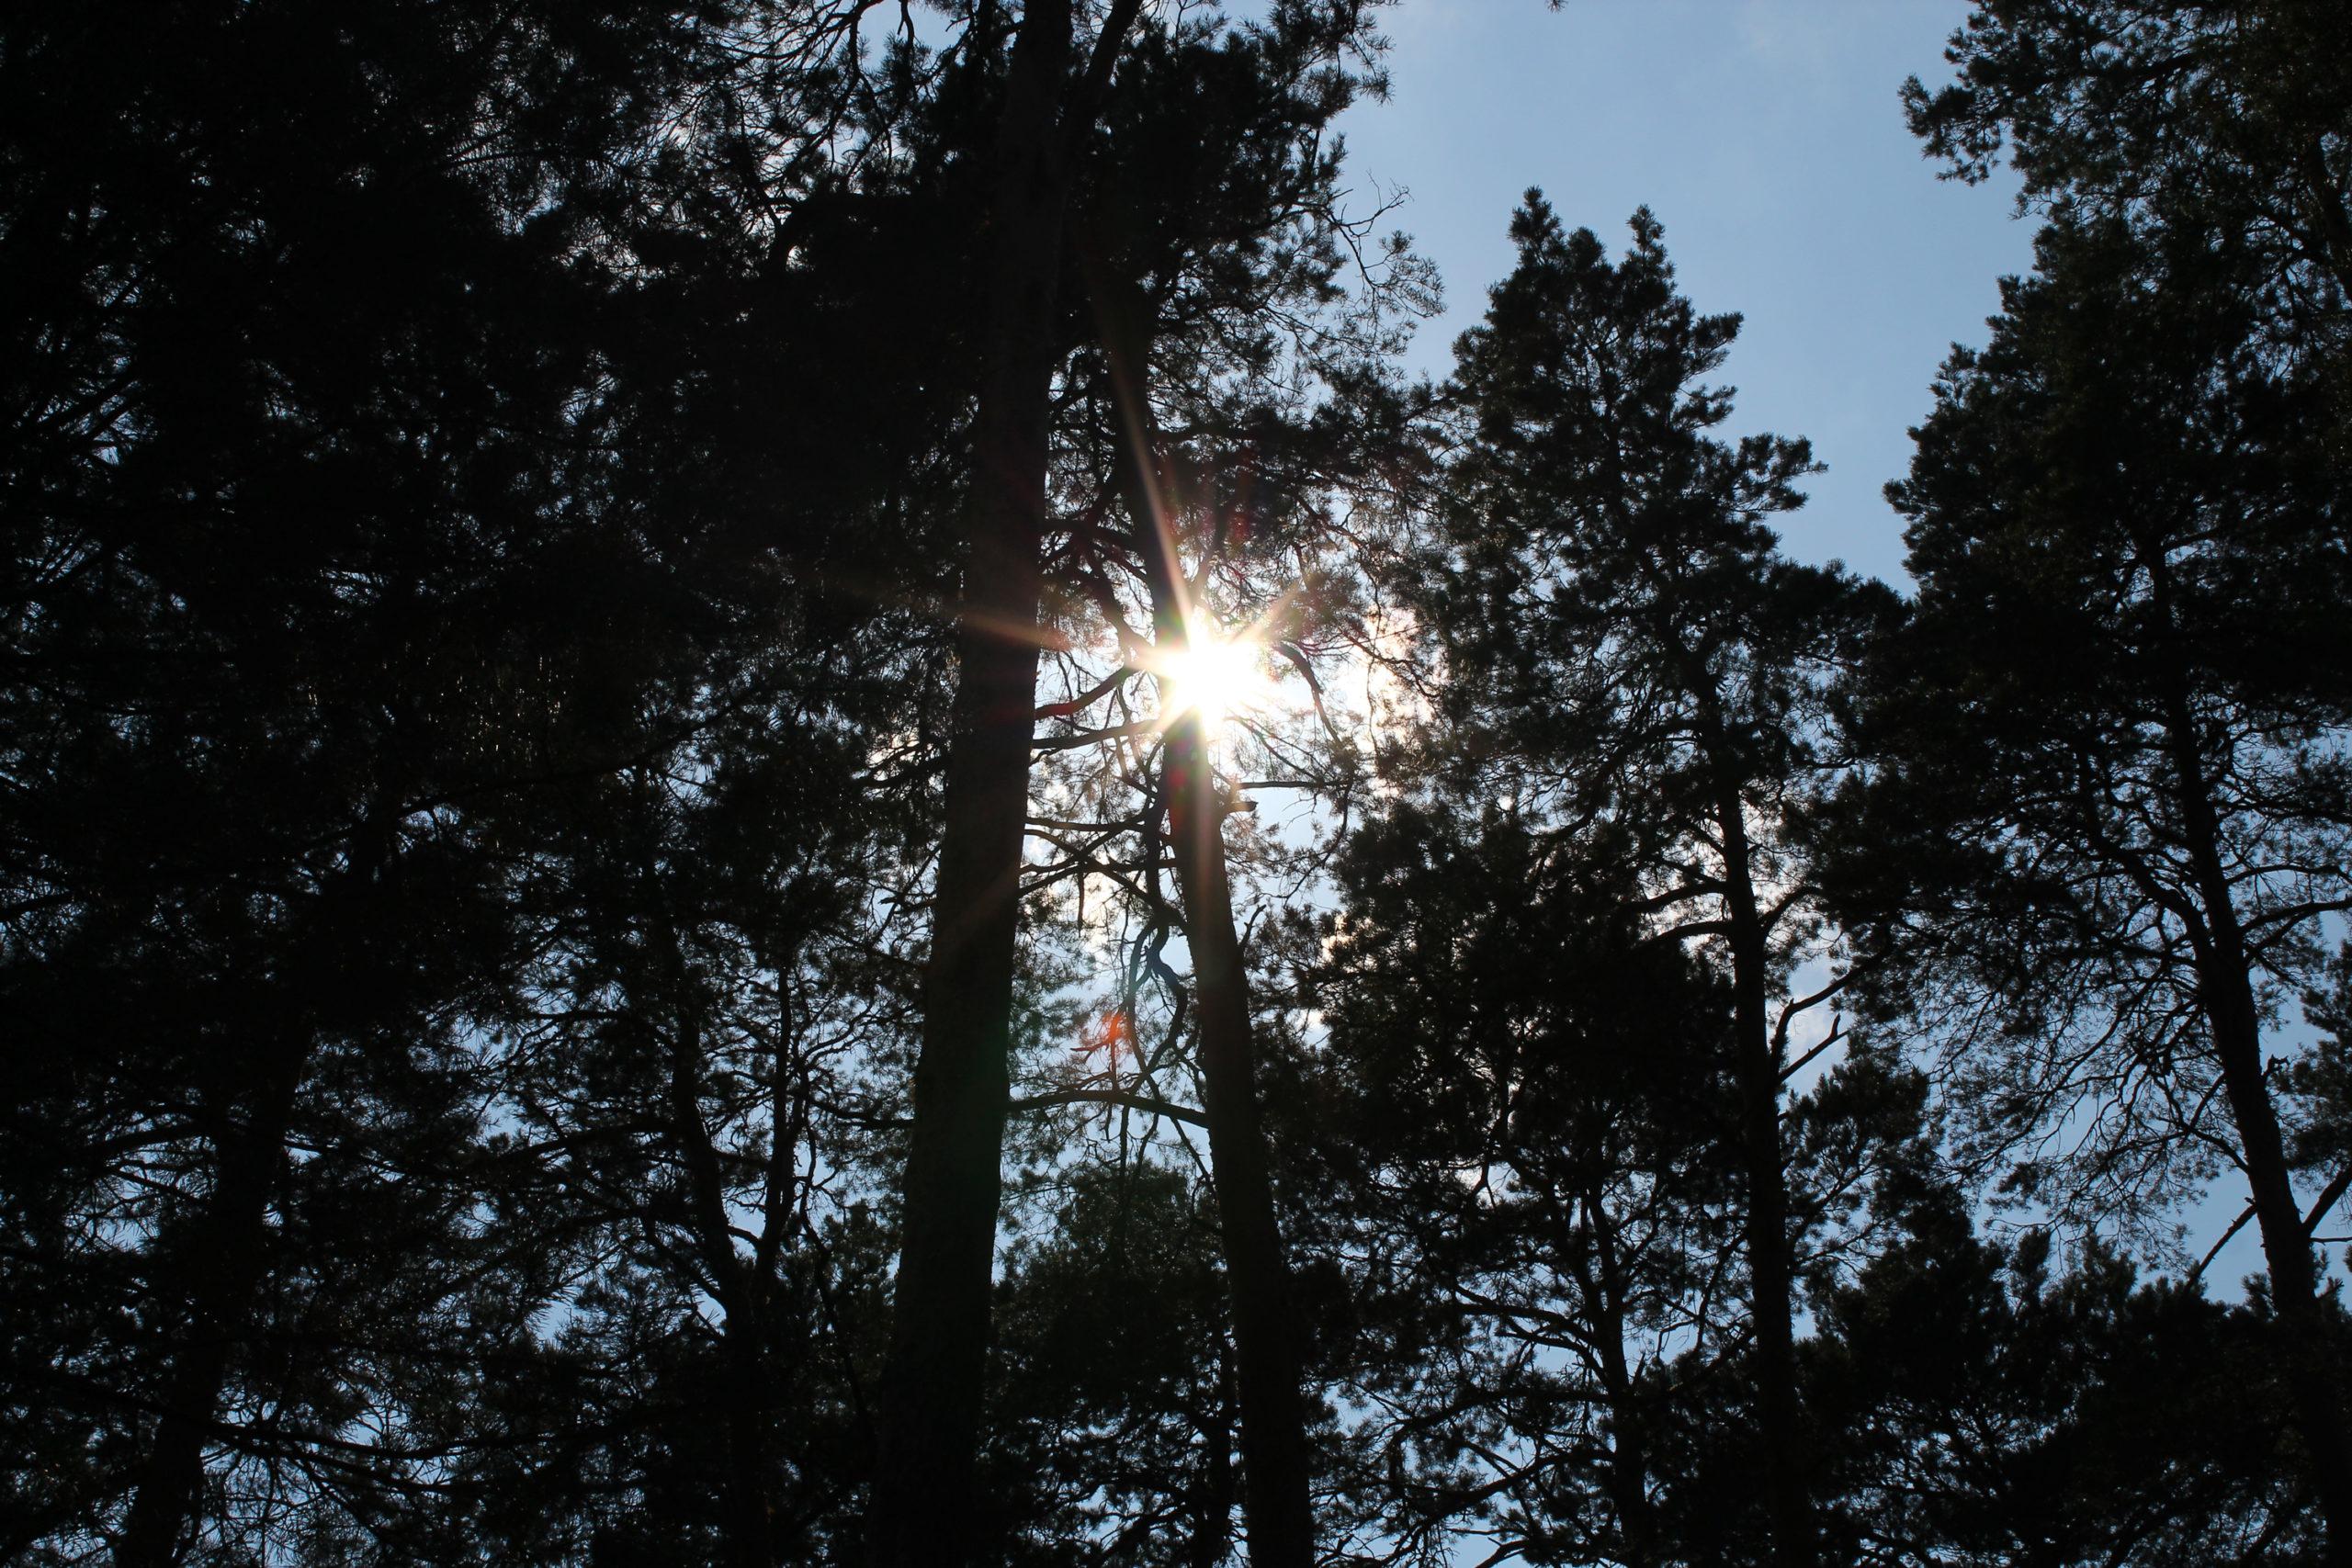 Słońce przebija się przez korony drzew